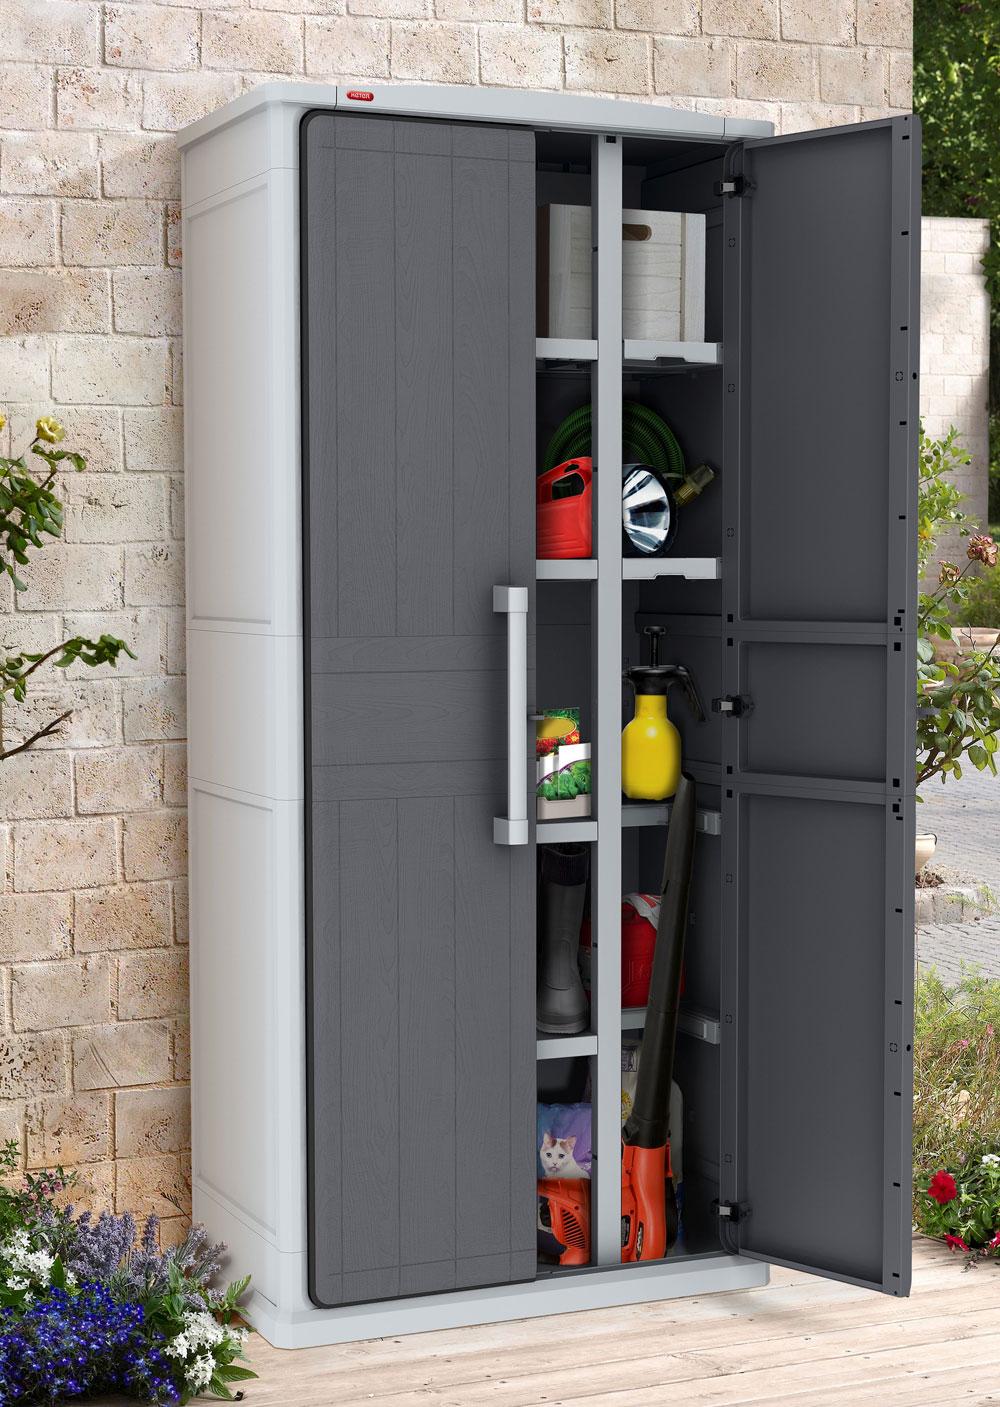 Gartenschrank keter optima wonder cabinet tall 80 5x47 3x177 8cm grau bei - Kleiner gartenschrank ...